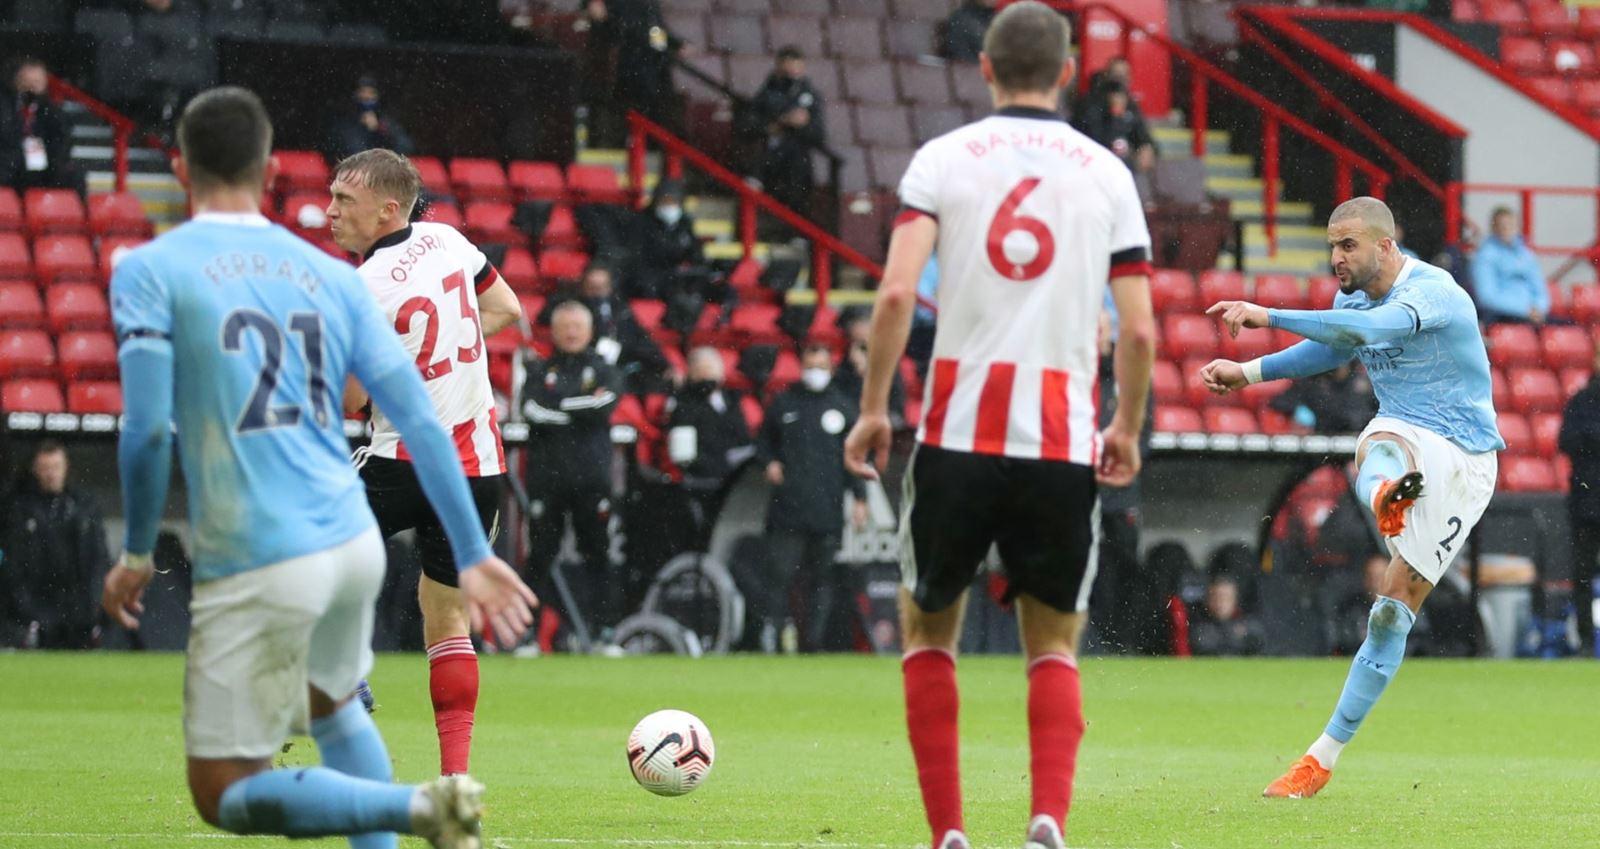 Sheffield vs Man City, trực tiếp bóng đá, sheffield, man city, lịch thi đấu bóng đá, trực tiếp Sheffield vs Man City, premier league, bóng đá anh